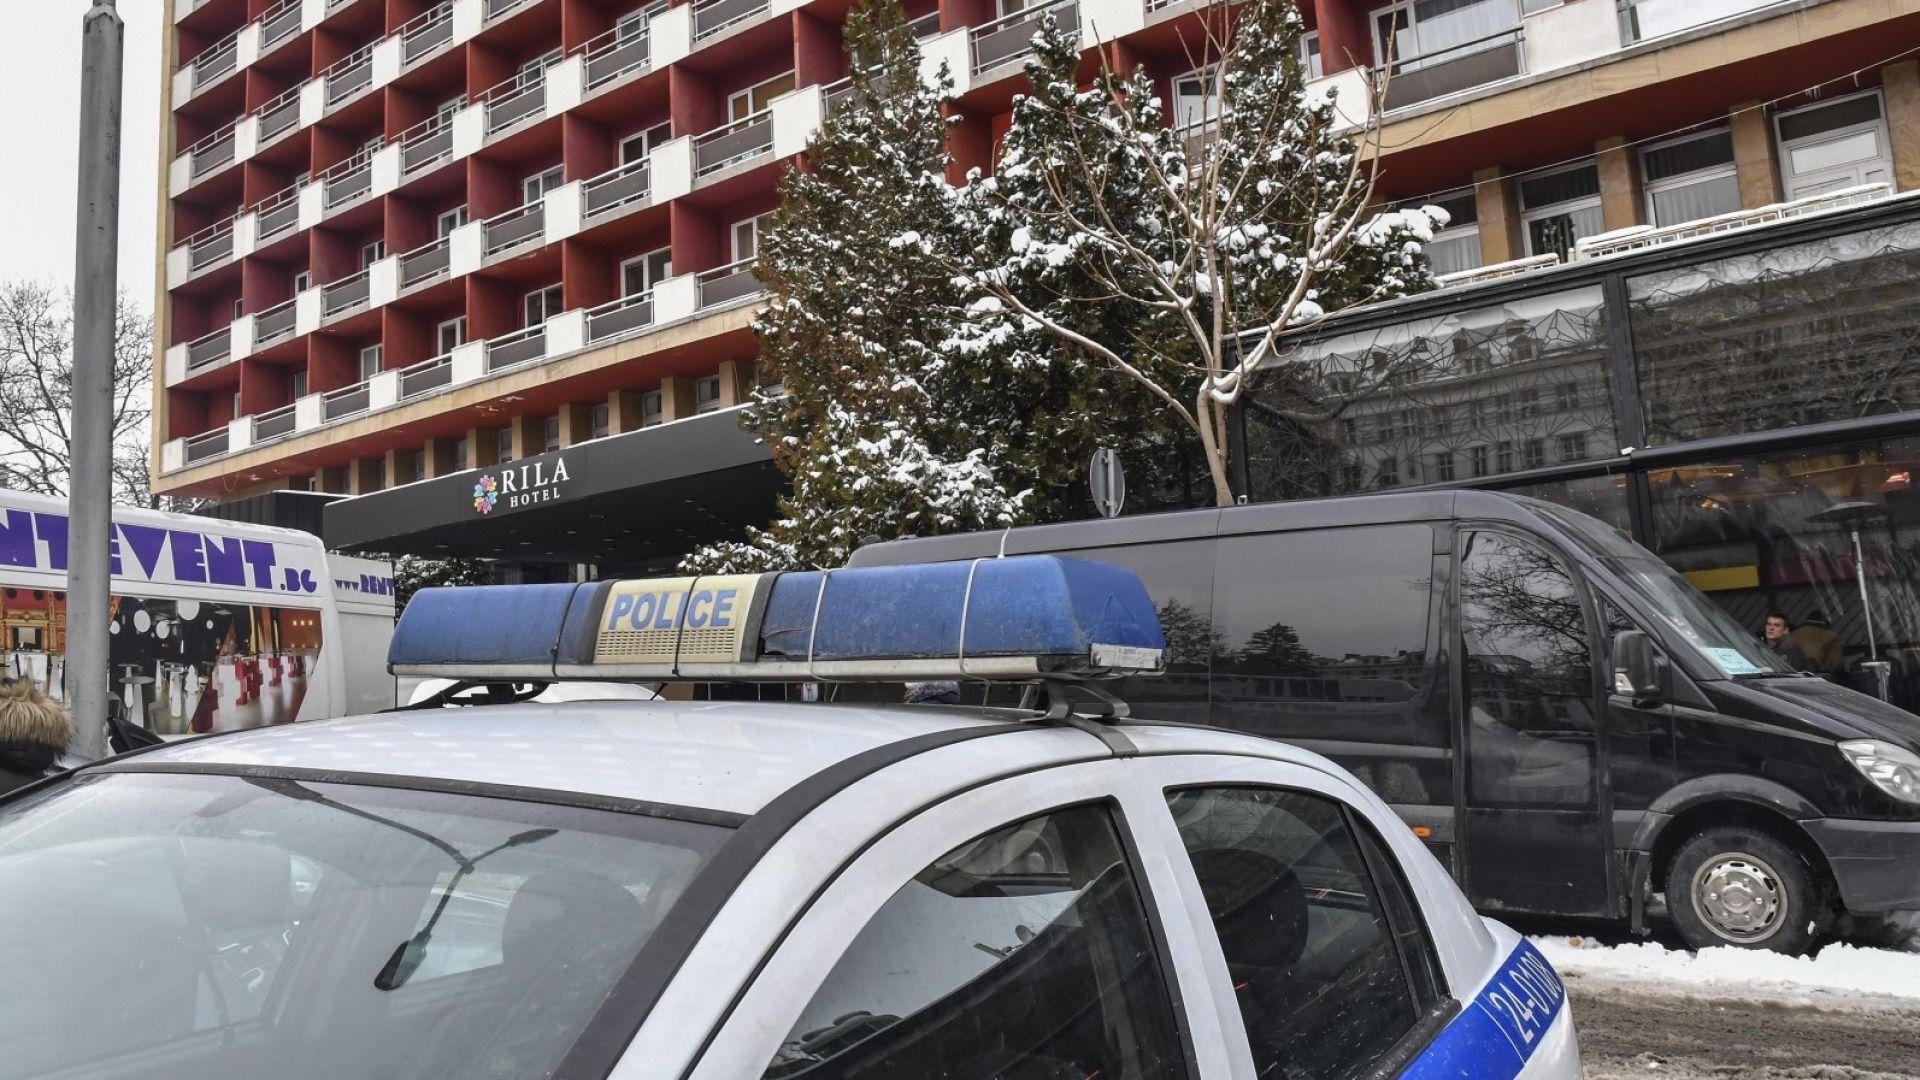 Убитата в хотел жена е била удушена, убиецът е приятелят й (снимки)